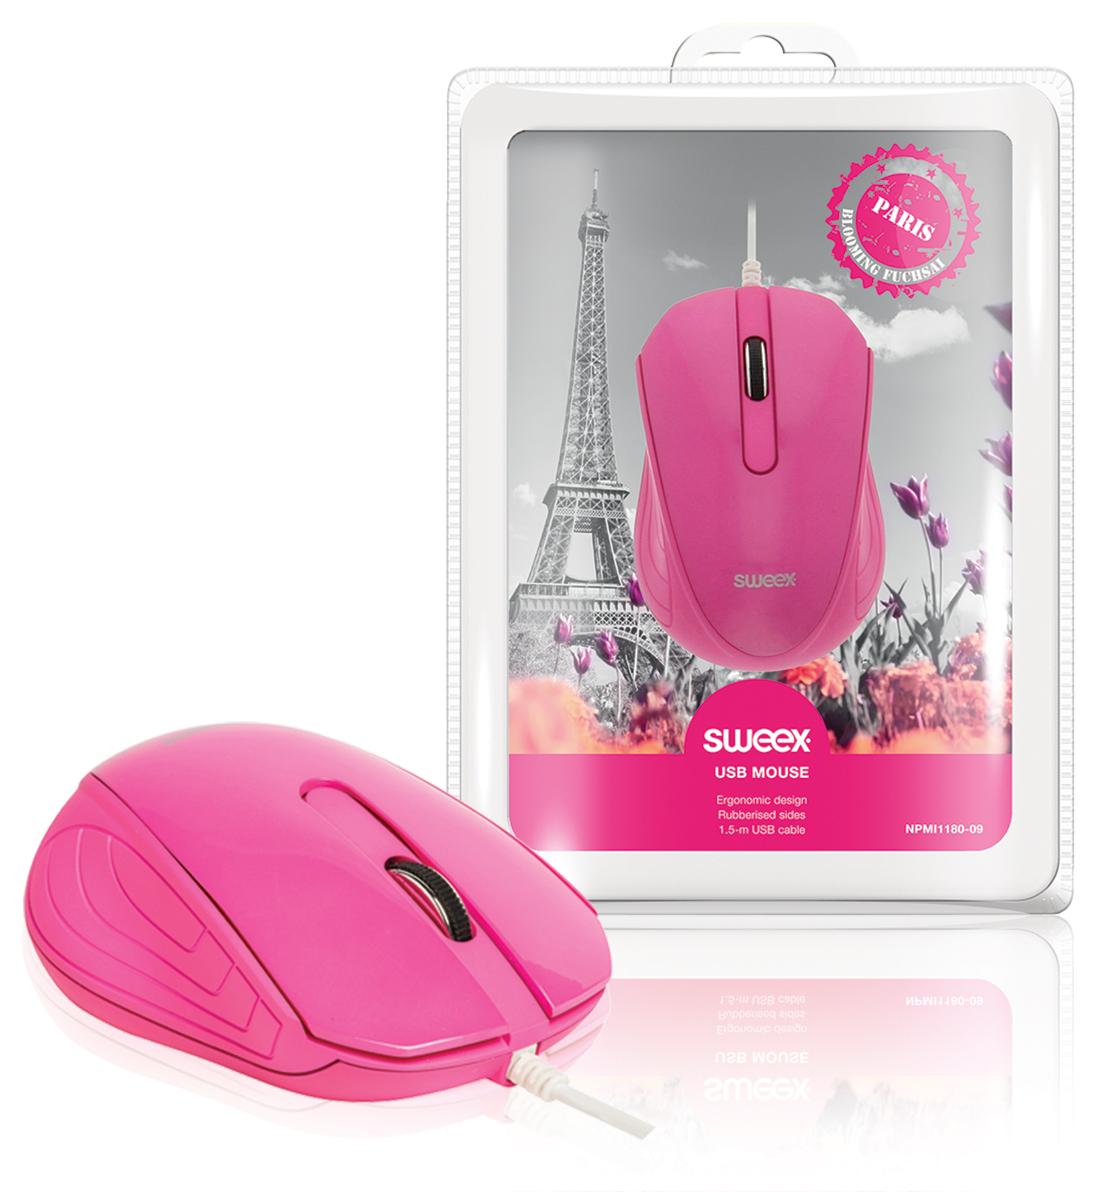 Sweex NPMI1180-09 - USB myš Paris